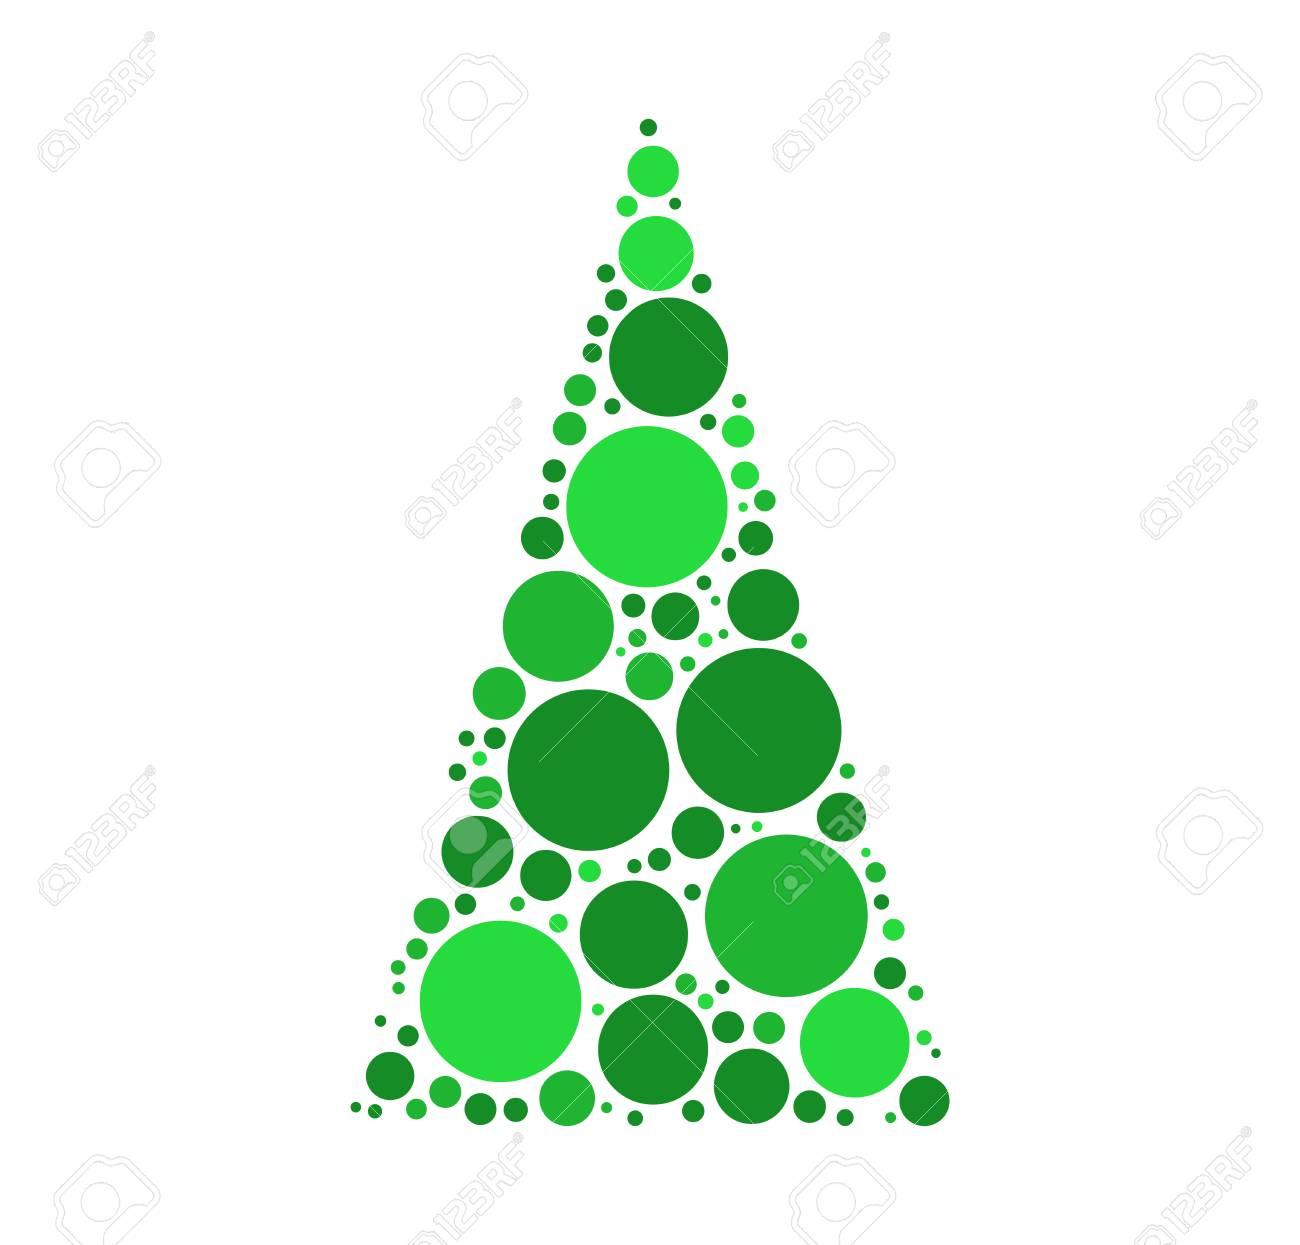 Diseño De Patrón De Puntos De árbol De Navidad Verde. Ilustraciones ...